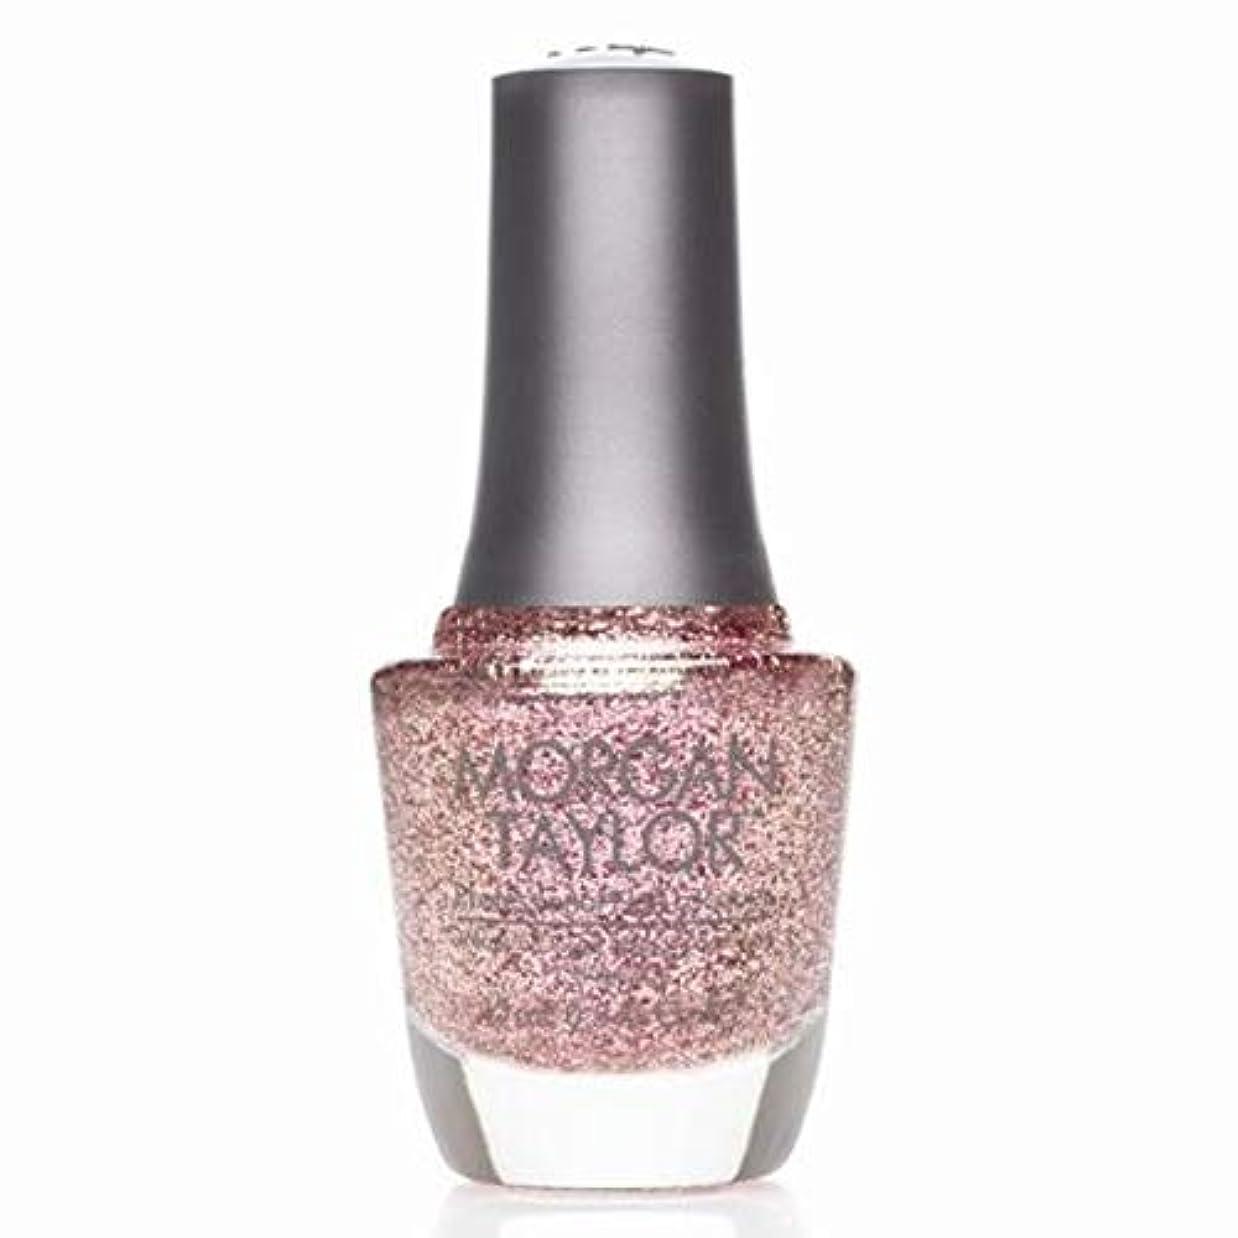 発行再生可能飼料Morgan Taylor - Professional Nail Lacquer - Sweetest Thing - 15 mL/0.5oz